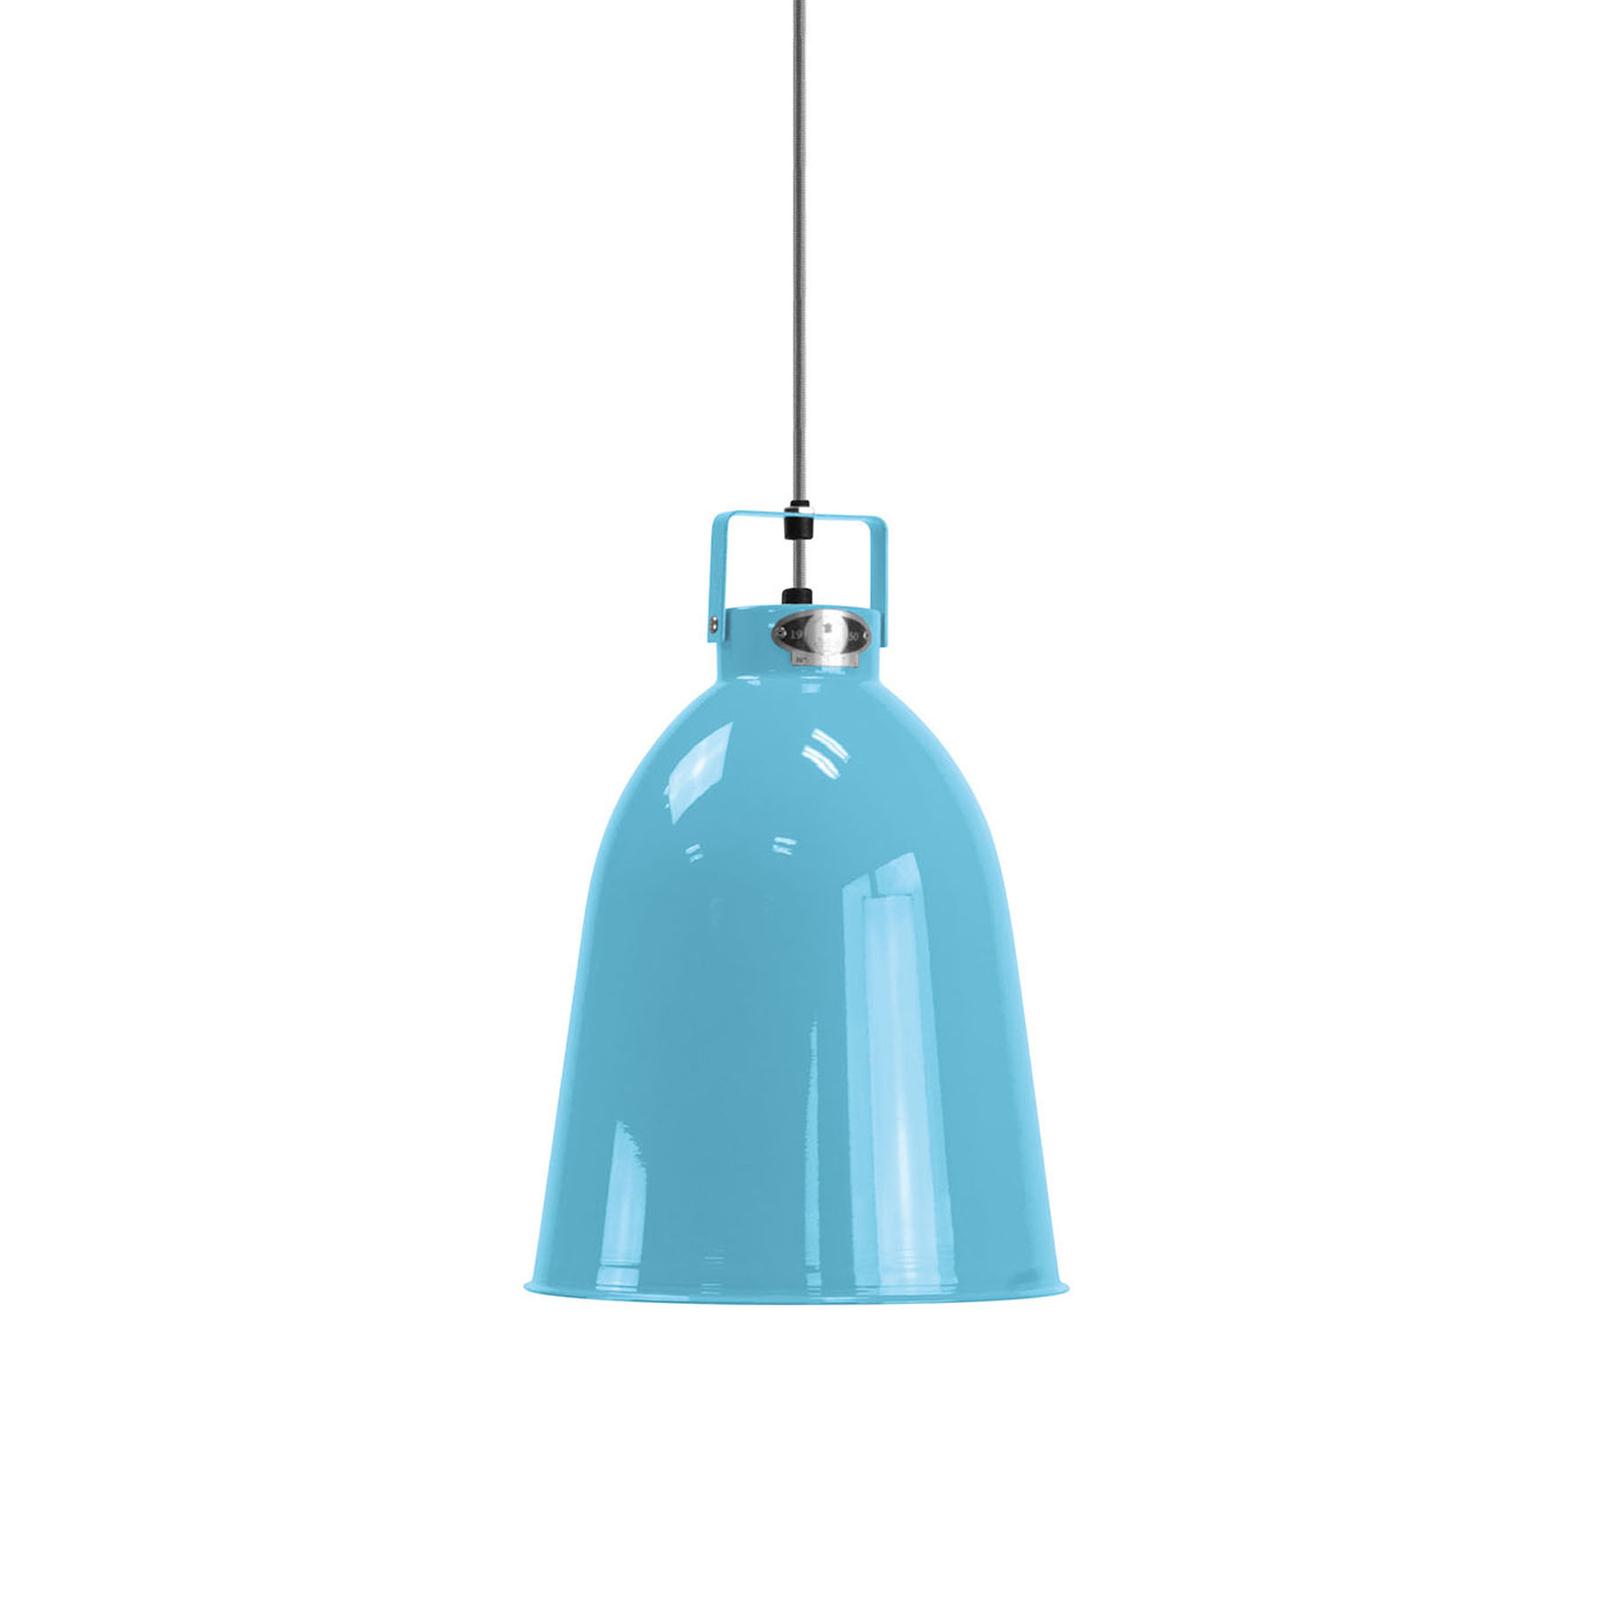 Jieldé Clément C240 lampa wisząca niebieska Ø24cm